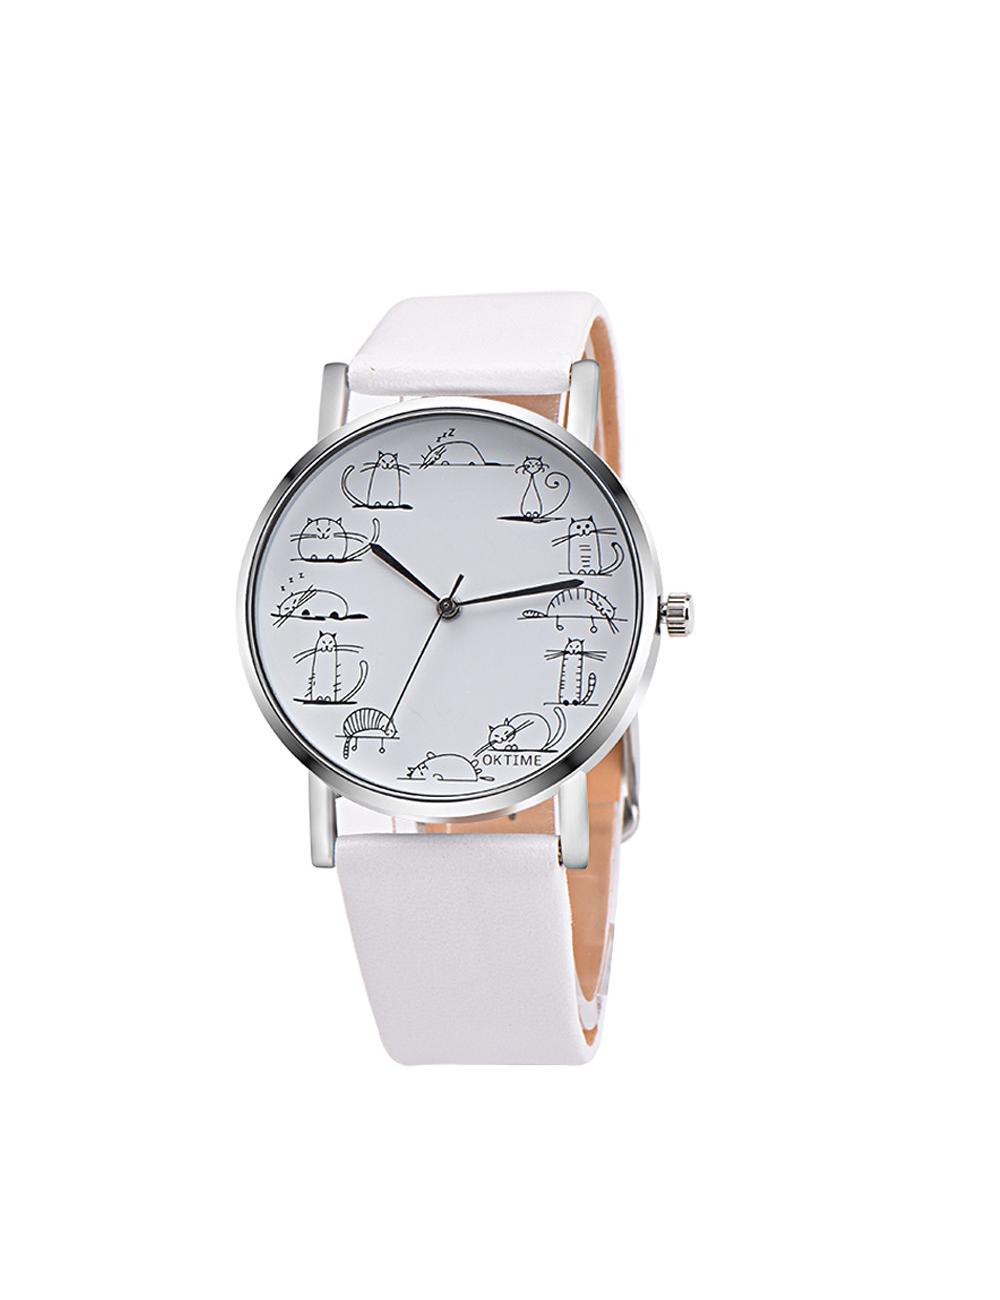 Reloj Gatuno Dayoshop 31,900.00